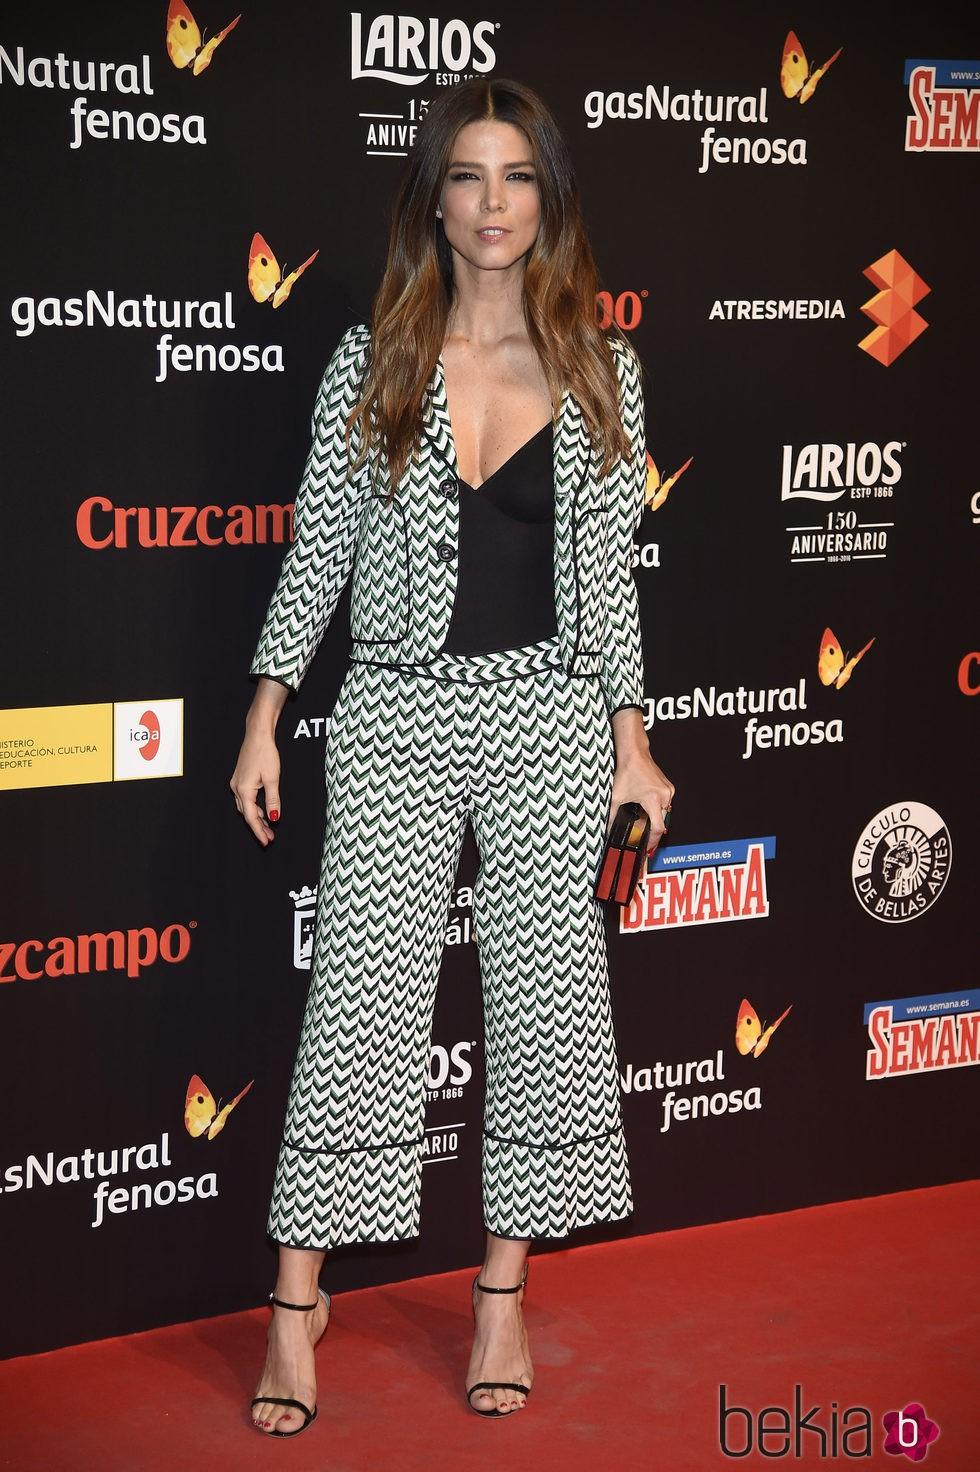 Juana Acosta en la presentación del Festival de Málaga 2016 en Madrid